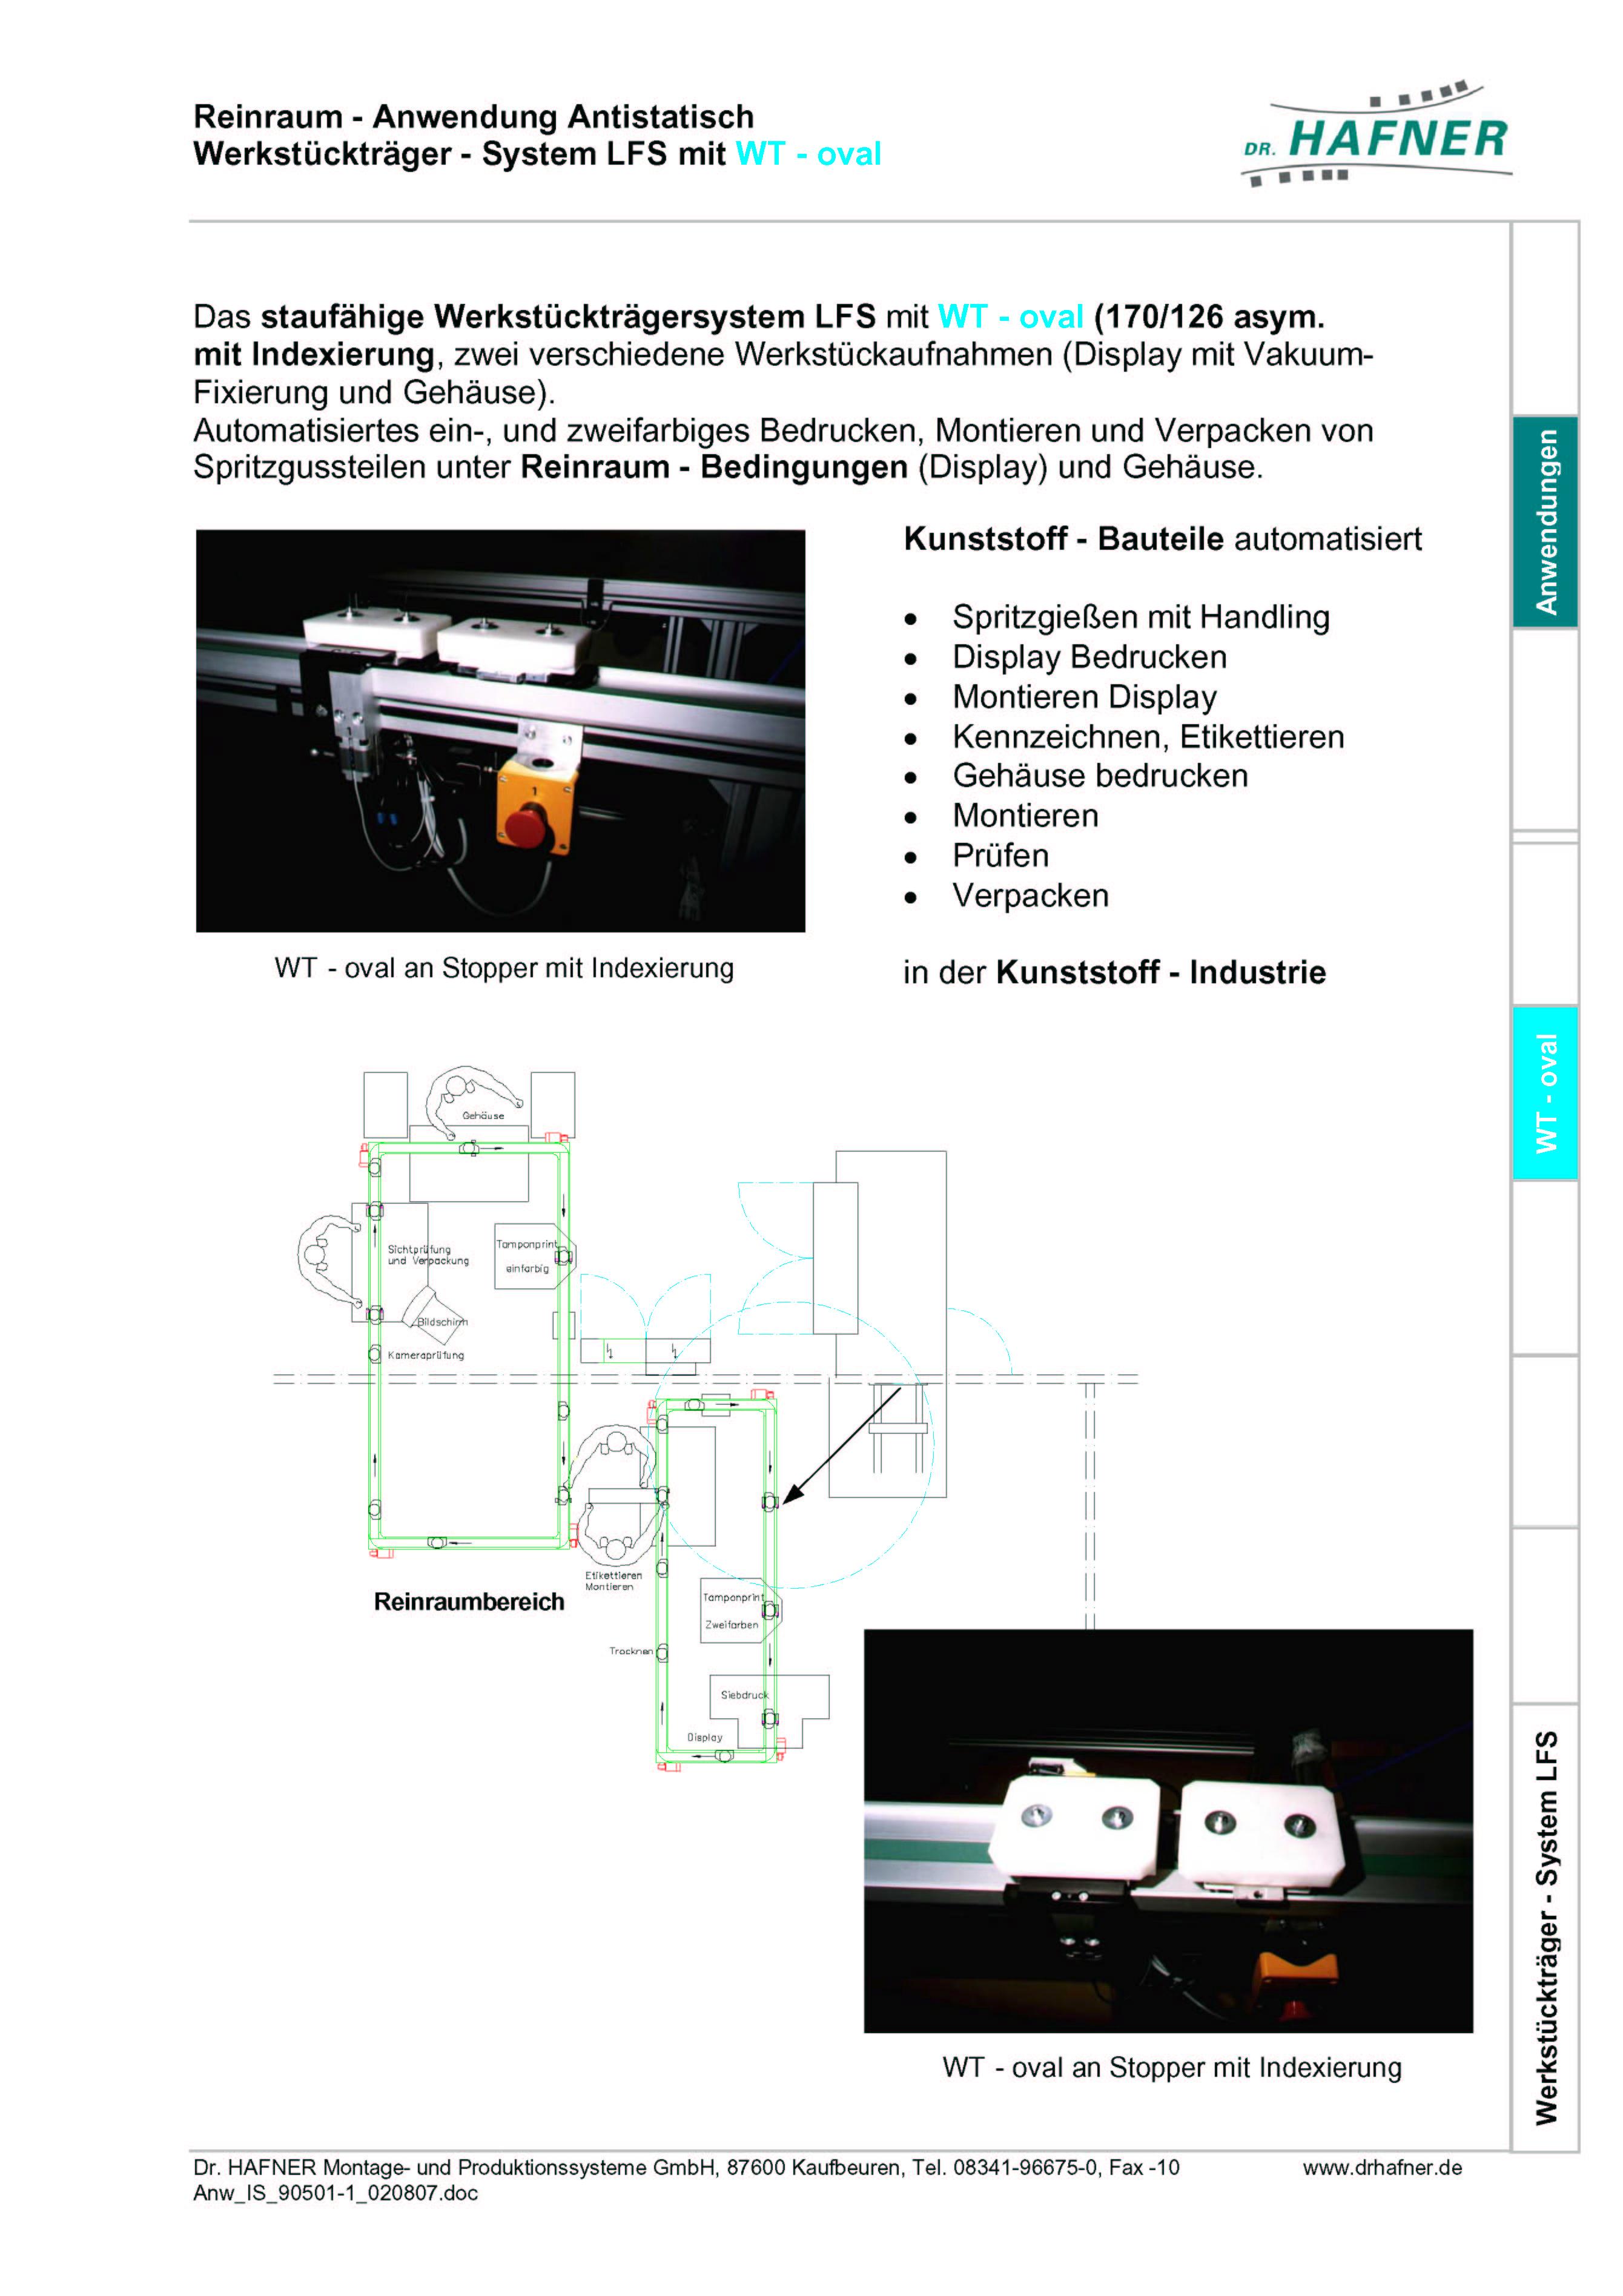 Dr. HAFNER_PKWP_24 Reinraum Antistatisch Werkstückträger